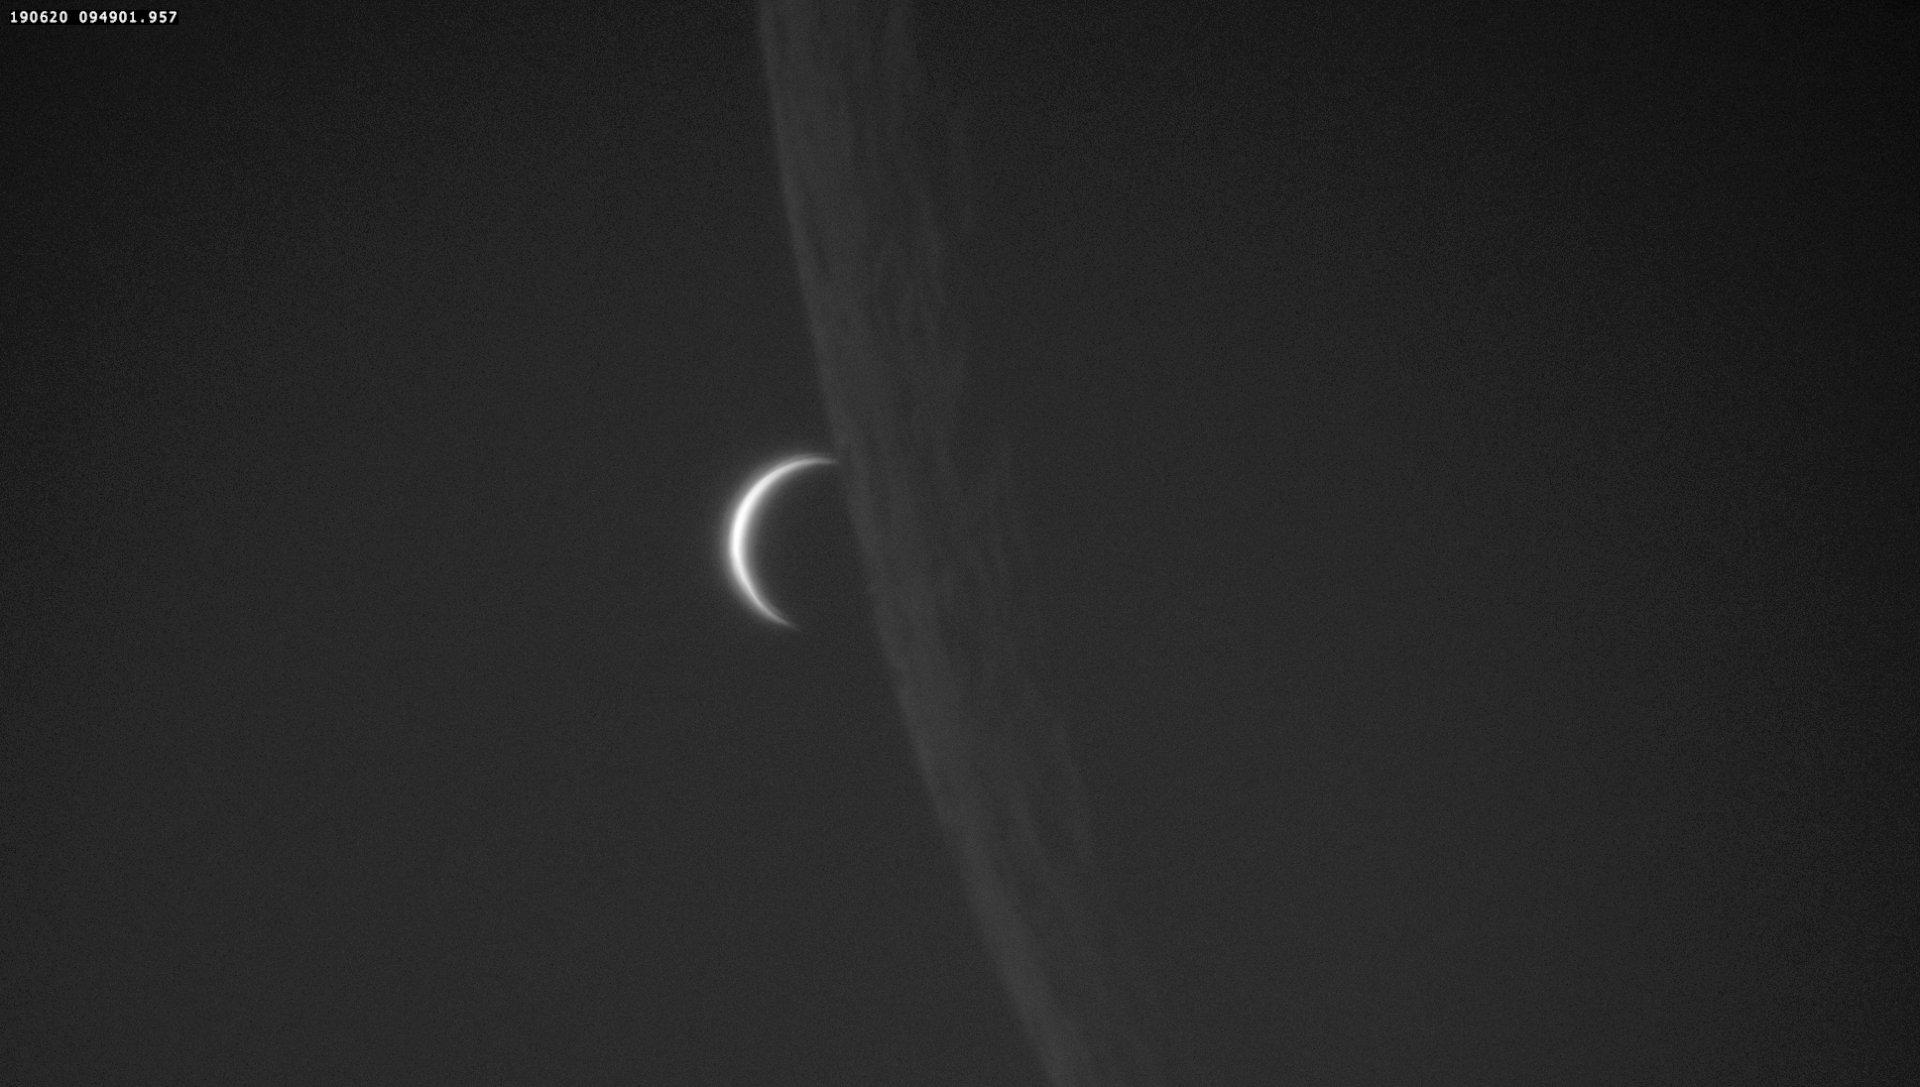 Venus Bedeckung durch die Mondsichel 19_06_2020 9_49_01_957 MESZ.jpg